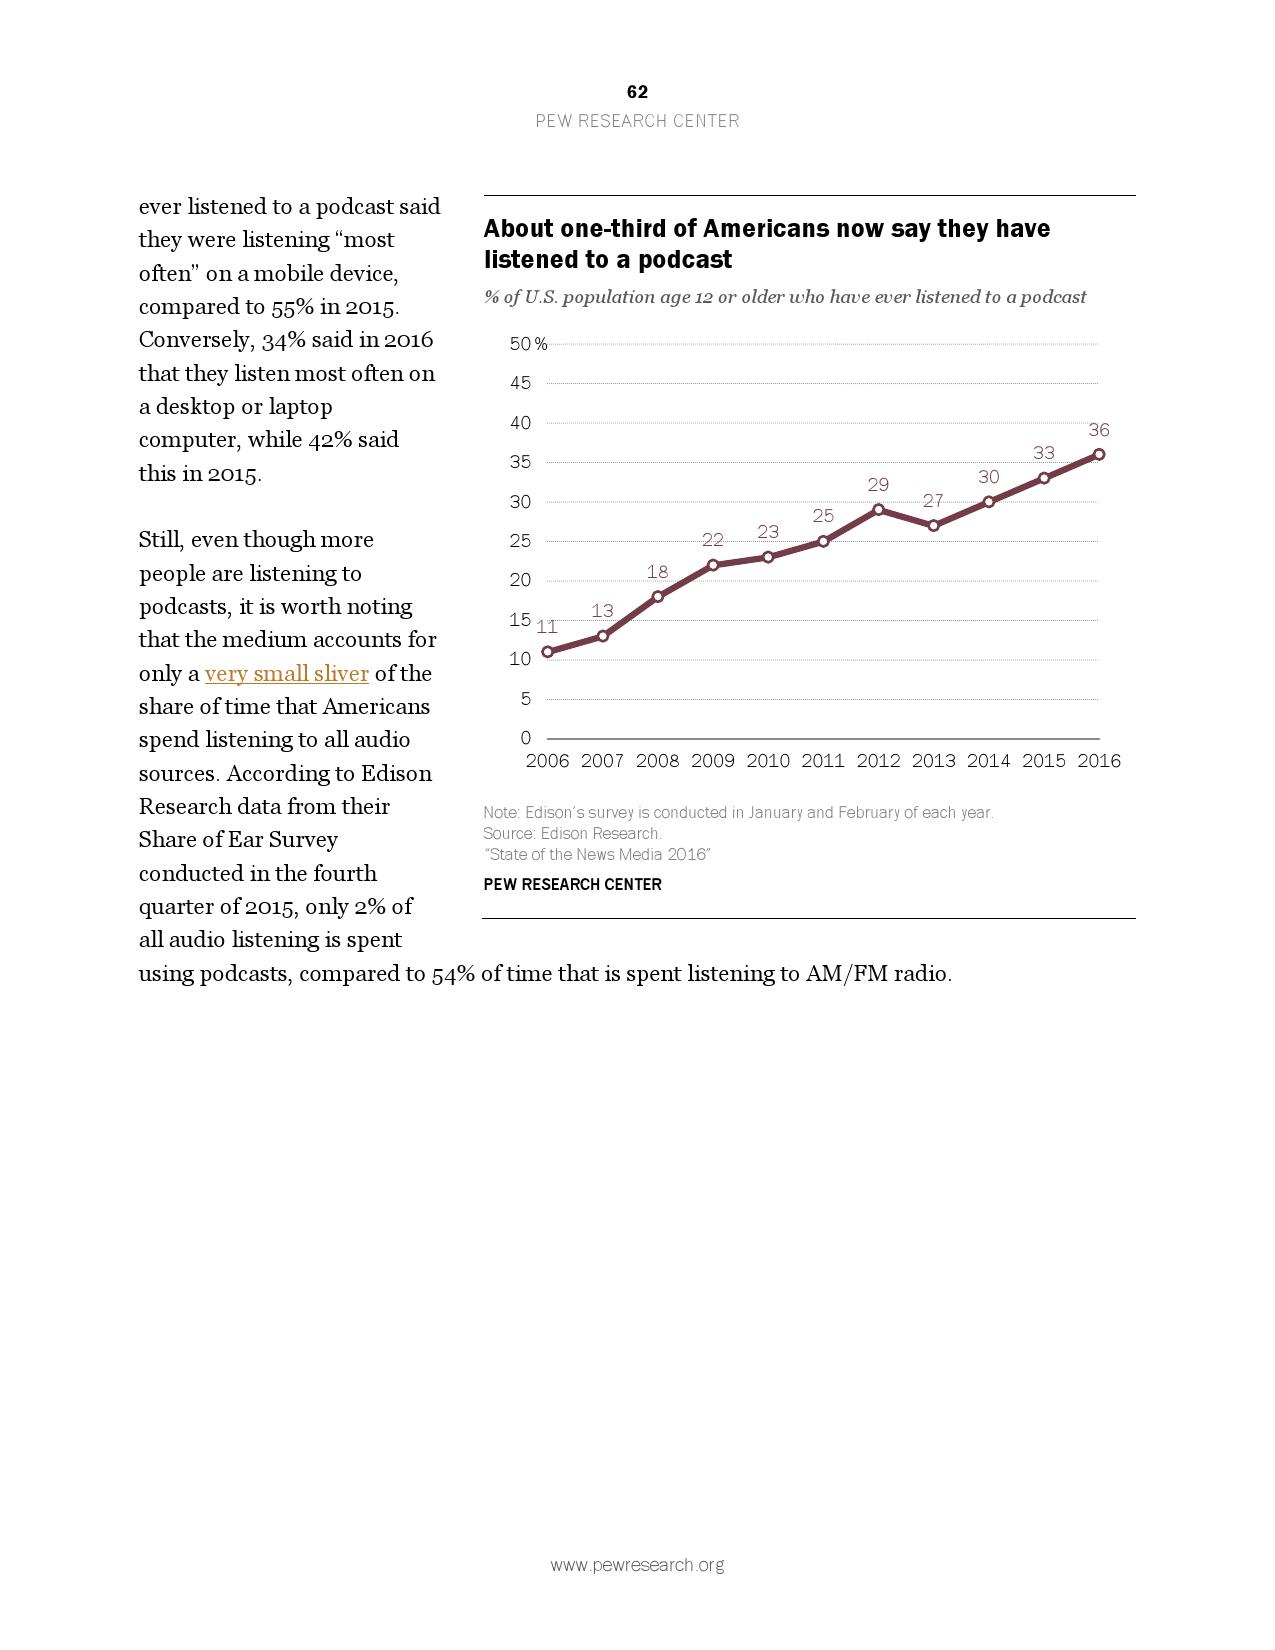 2016美国新媒体研究报告_000062